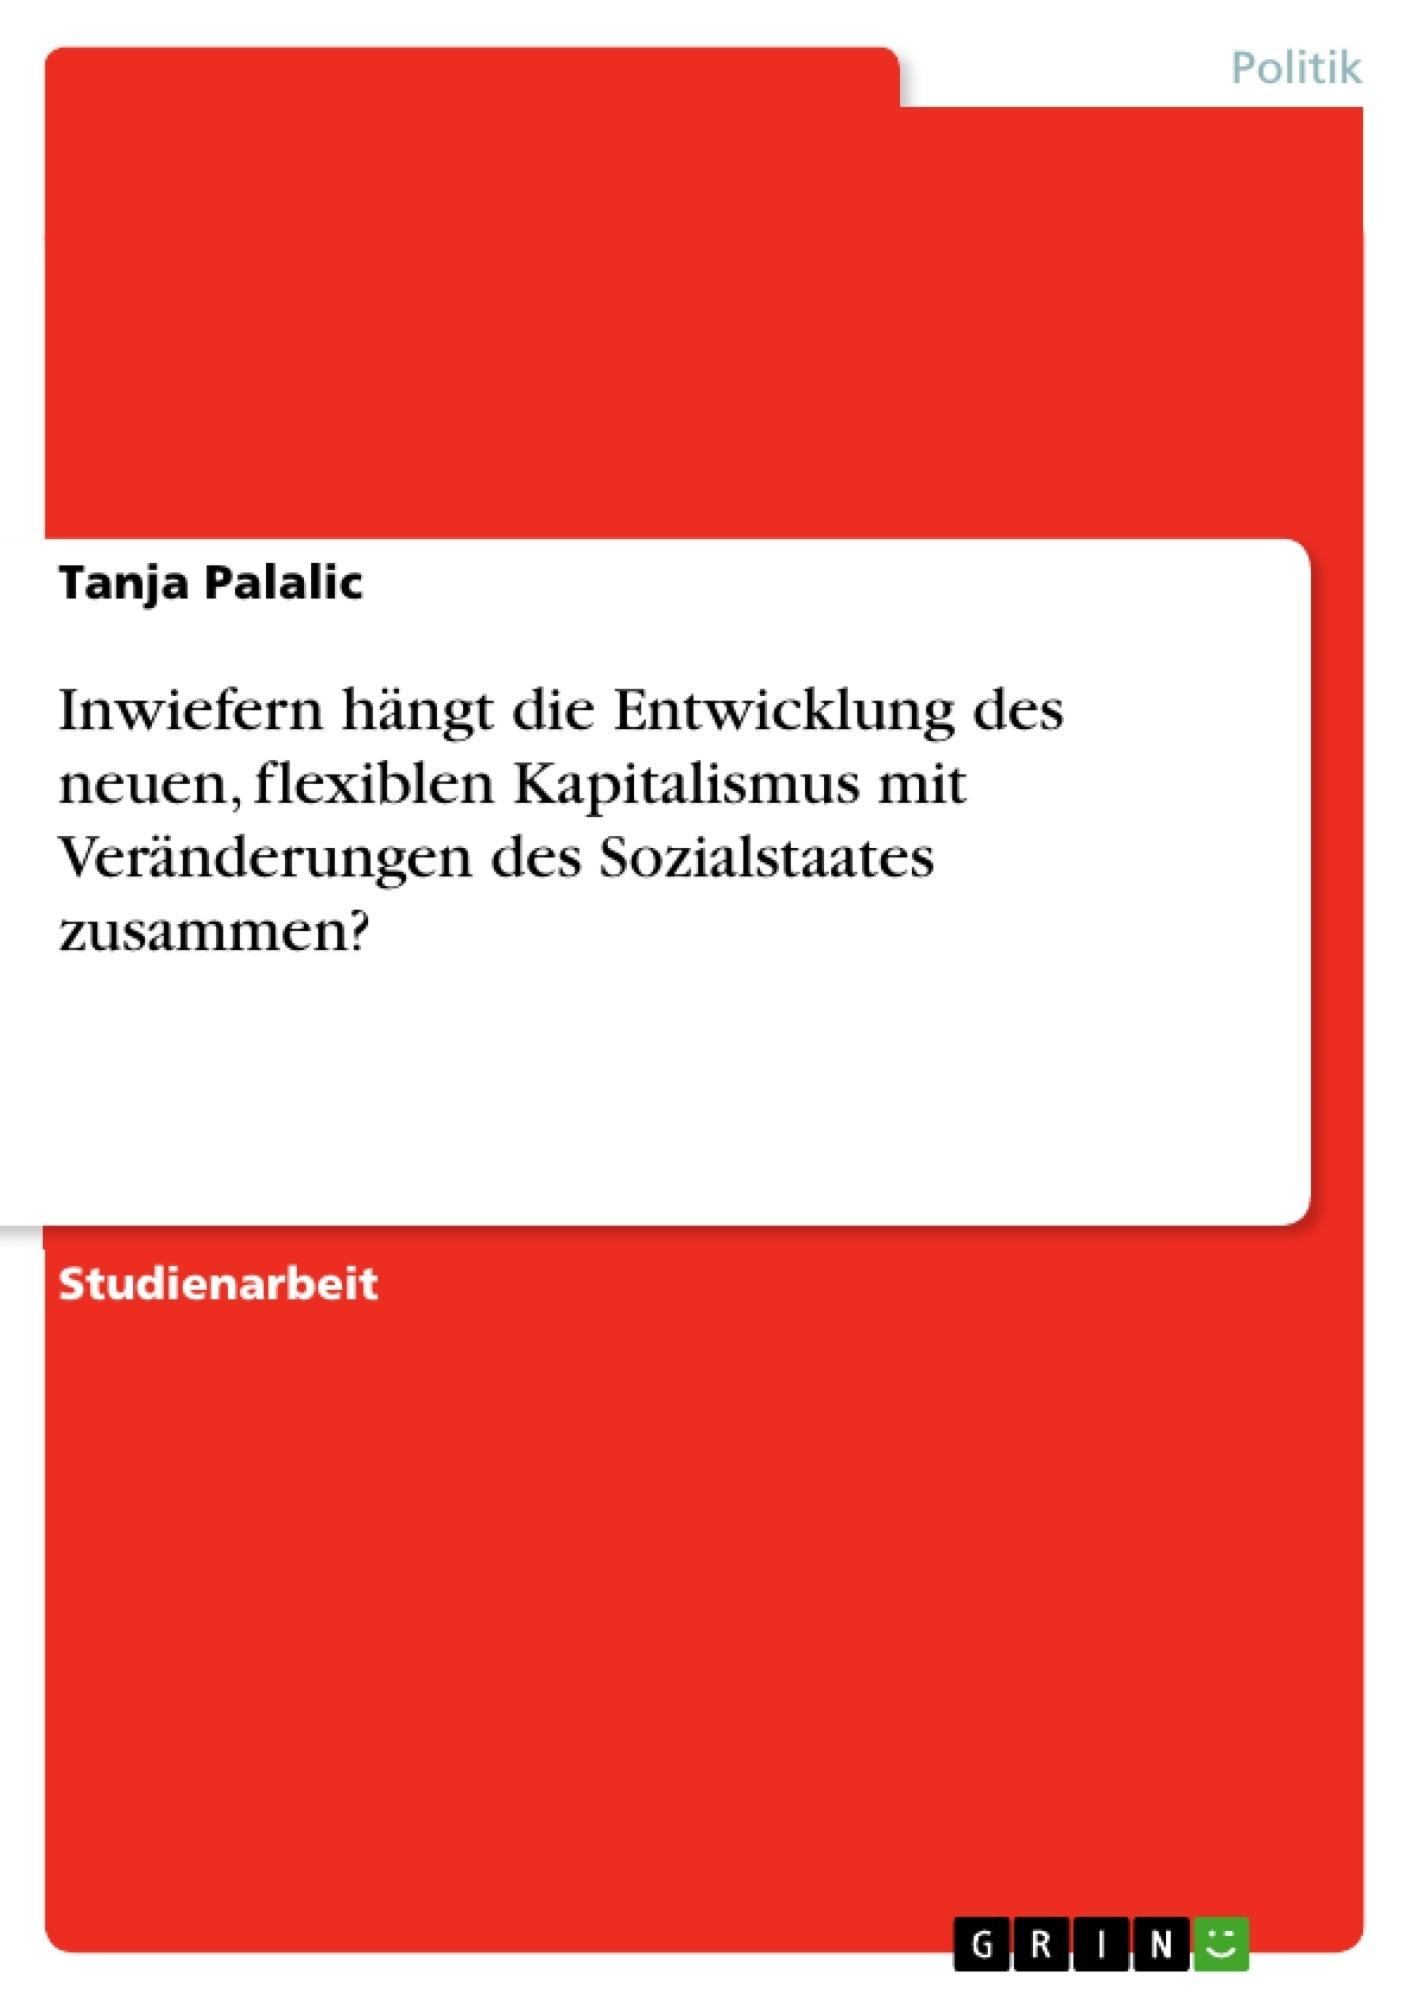 Titel: Inwiefern hängt die Entwicklung des neuen, flexiblen Kapitalismus mit Veränderungen des Sozialstaates zusammen?